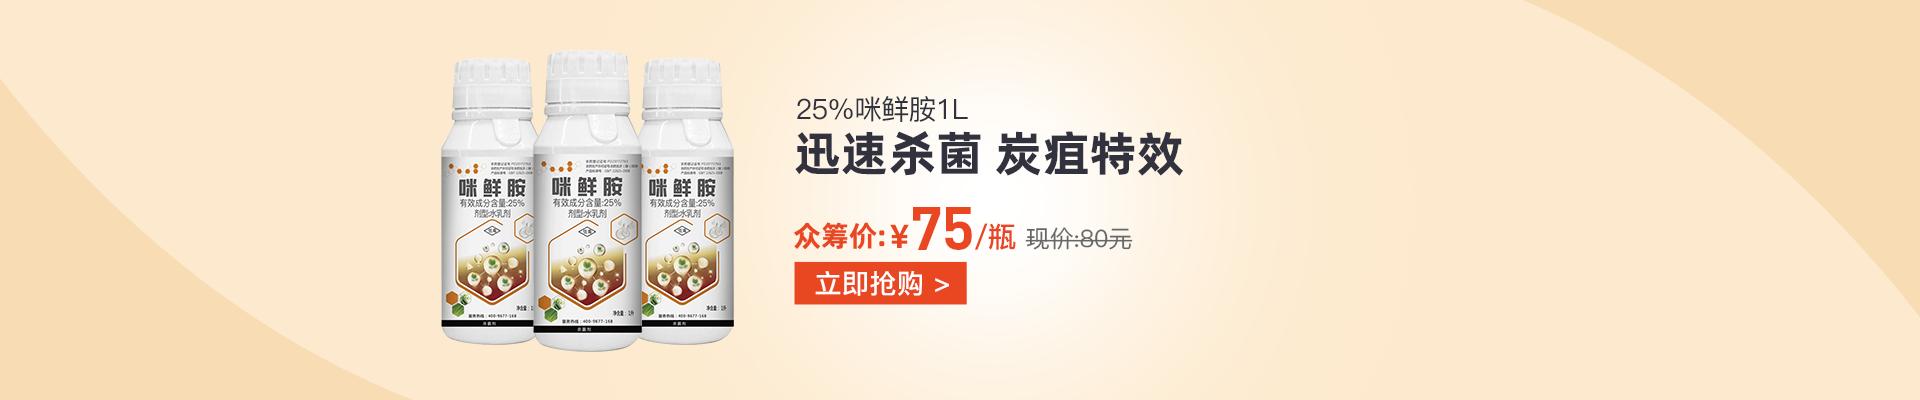 【5月】众筹-【丰创严选】25%咪鲜胺 水乳剂 1L1L*5瓶